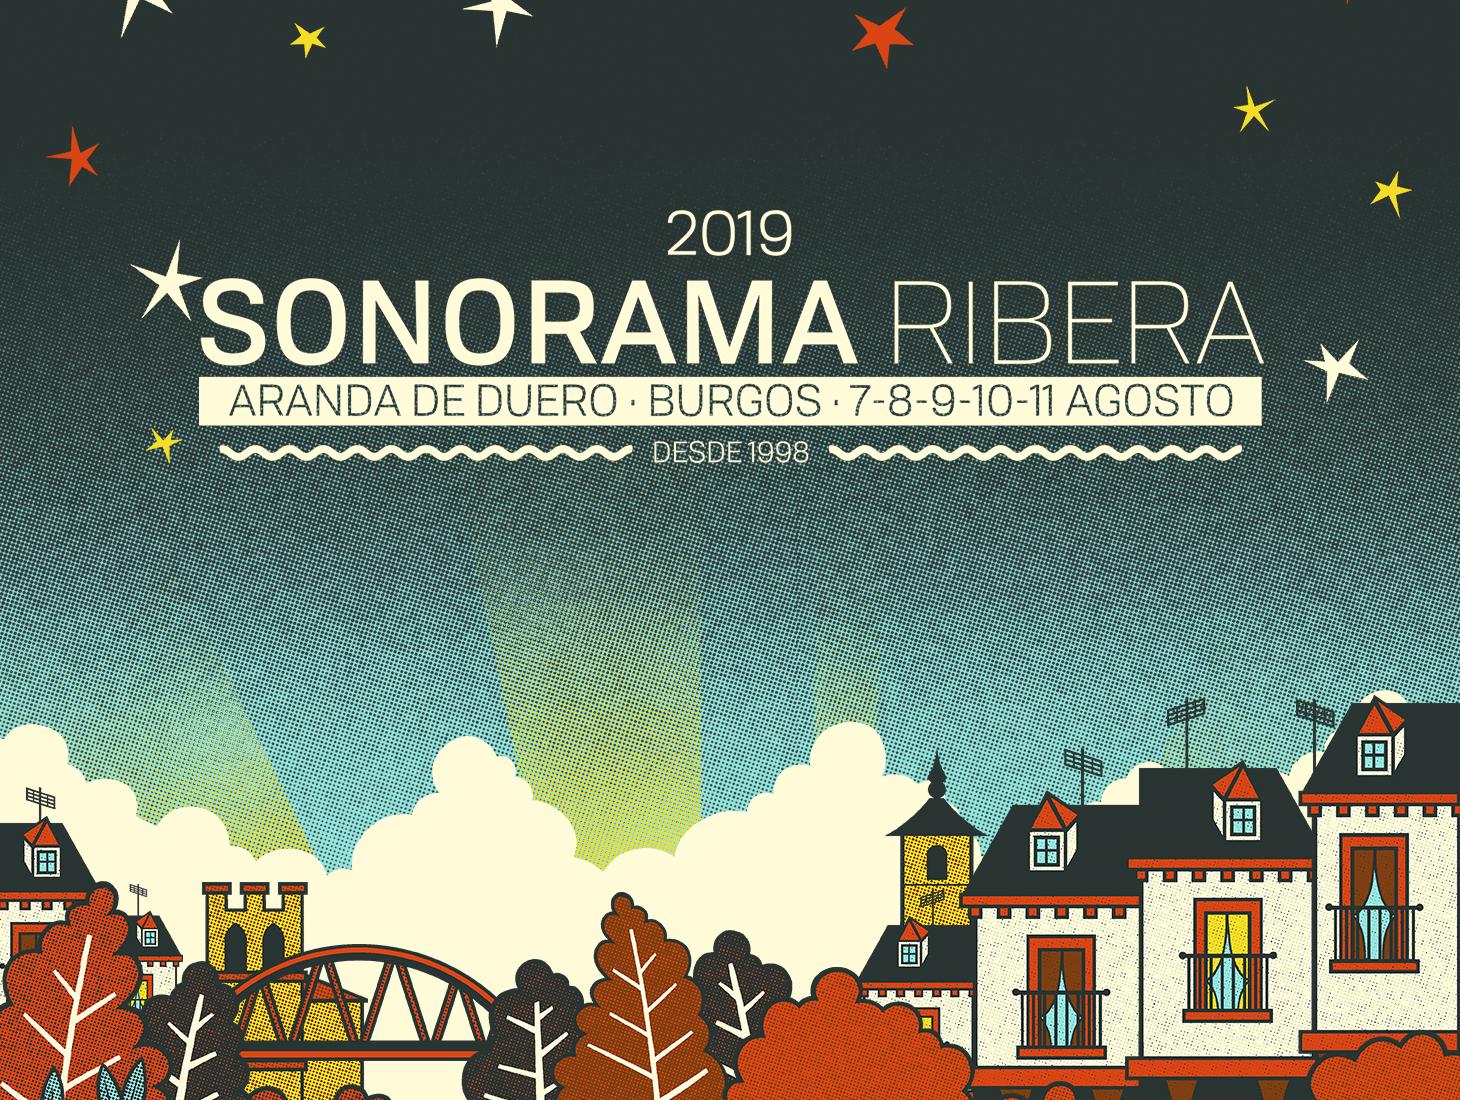 sonorama-ribera-2019-5bd9d7ed4057b.jpeg